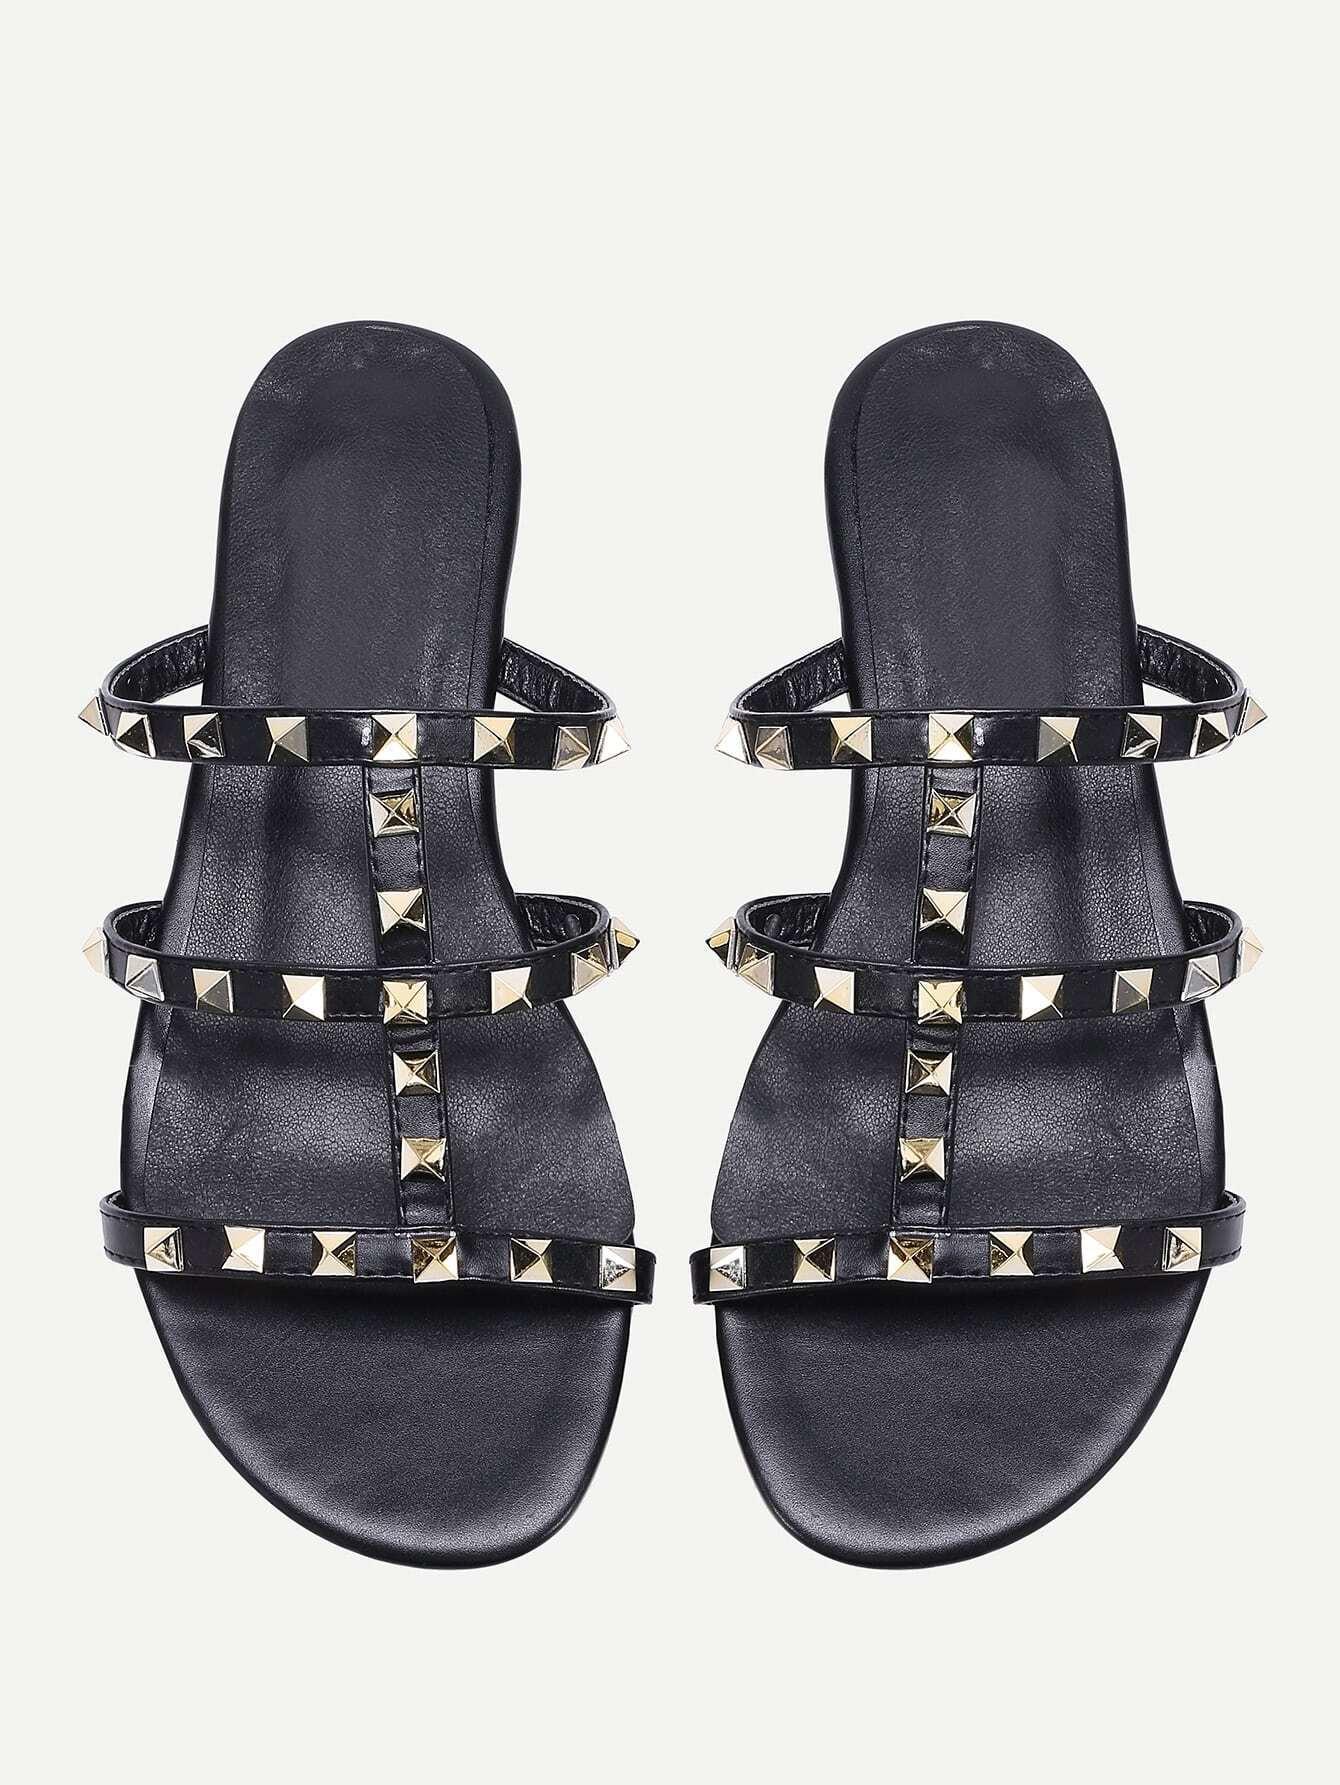 shoes170412810_2